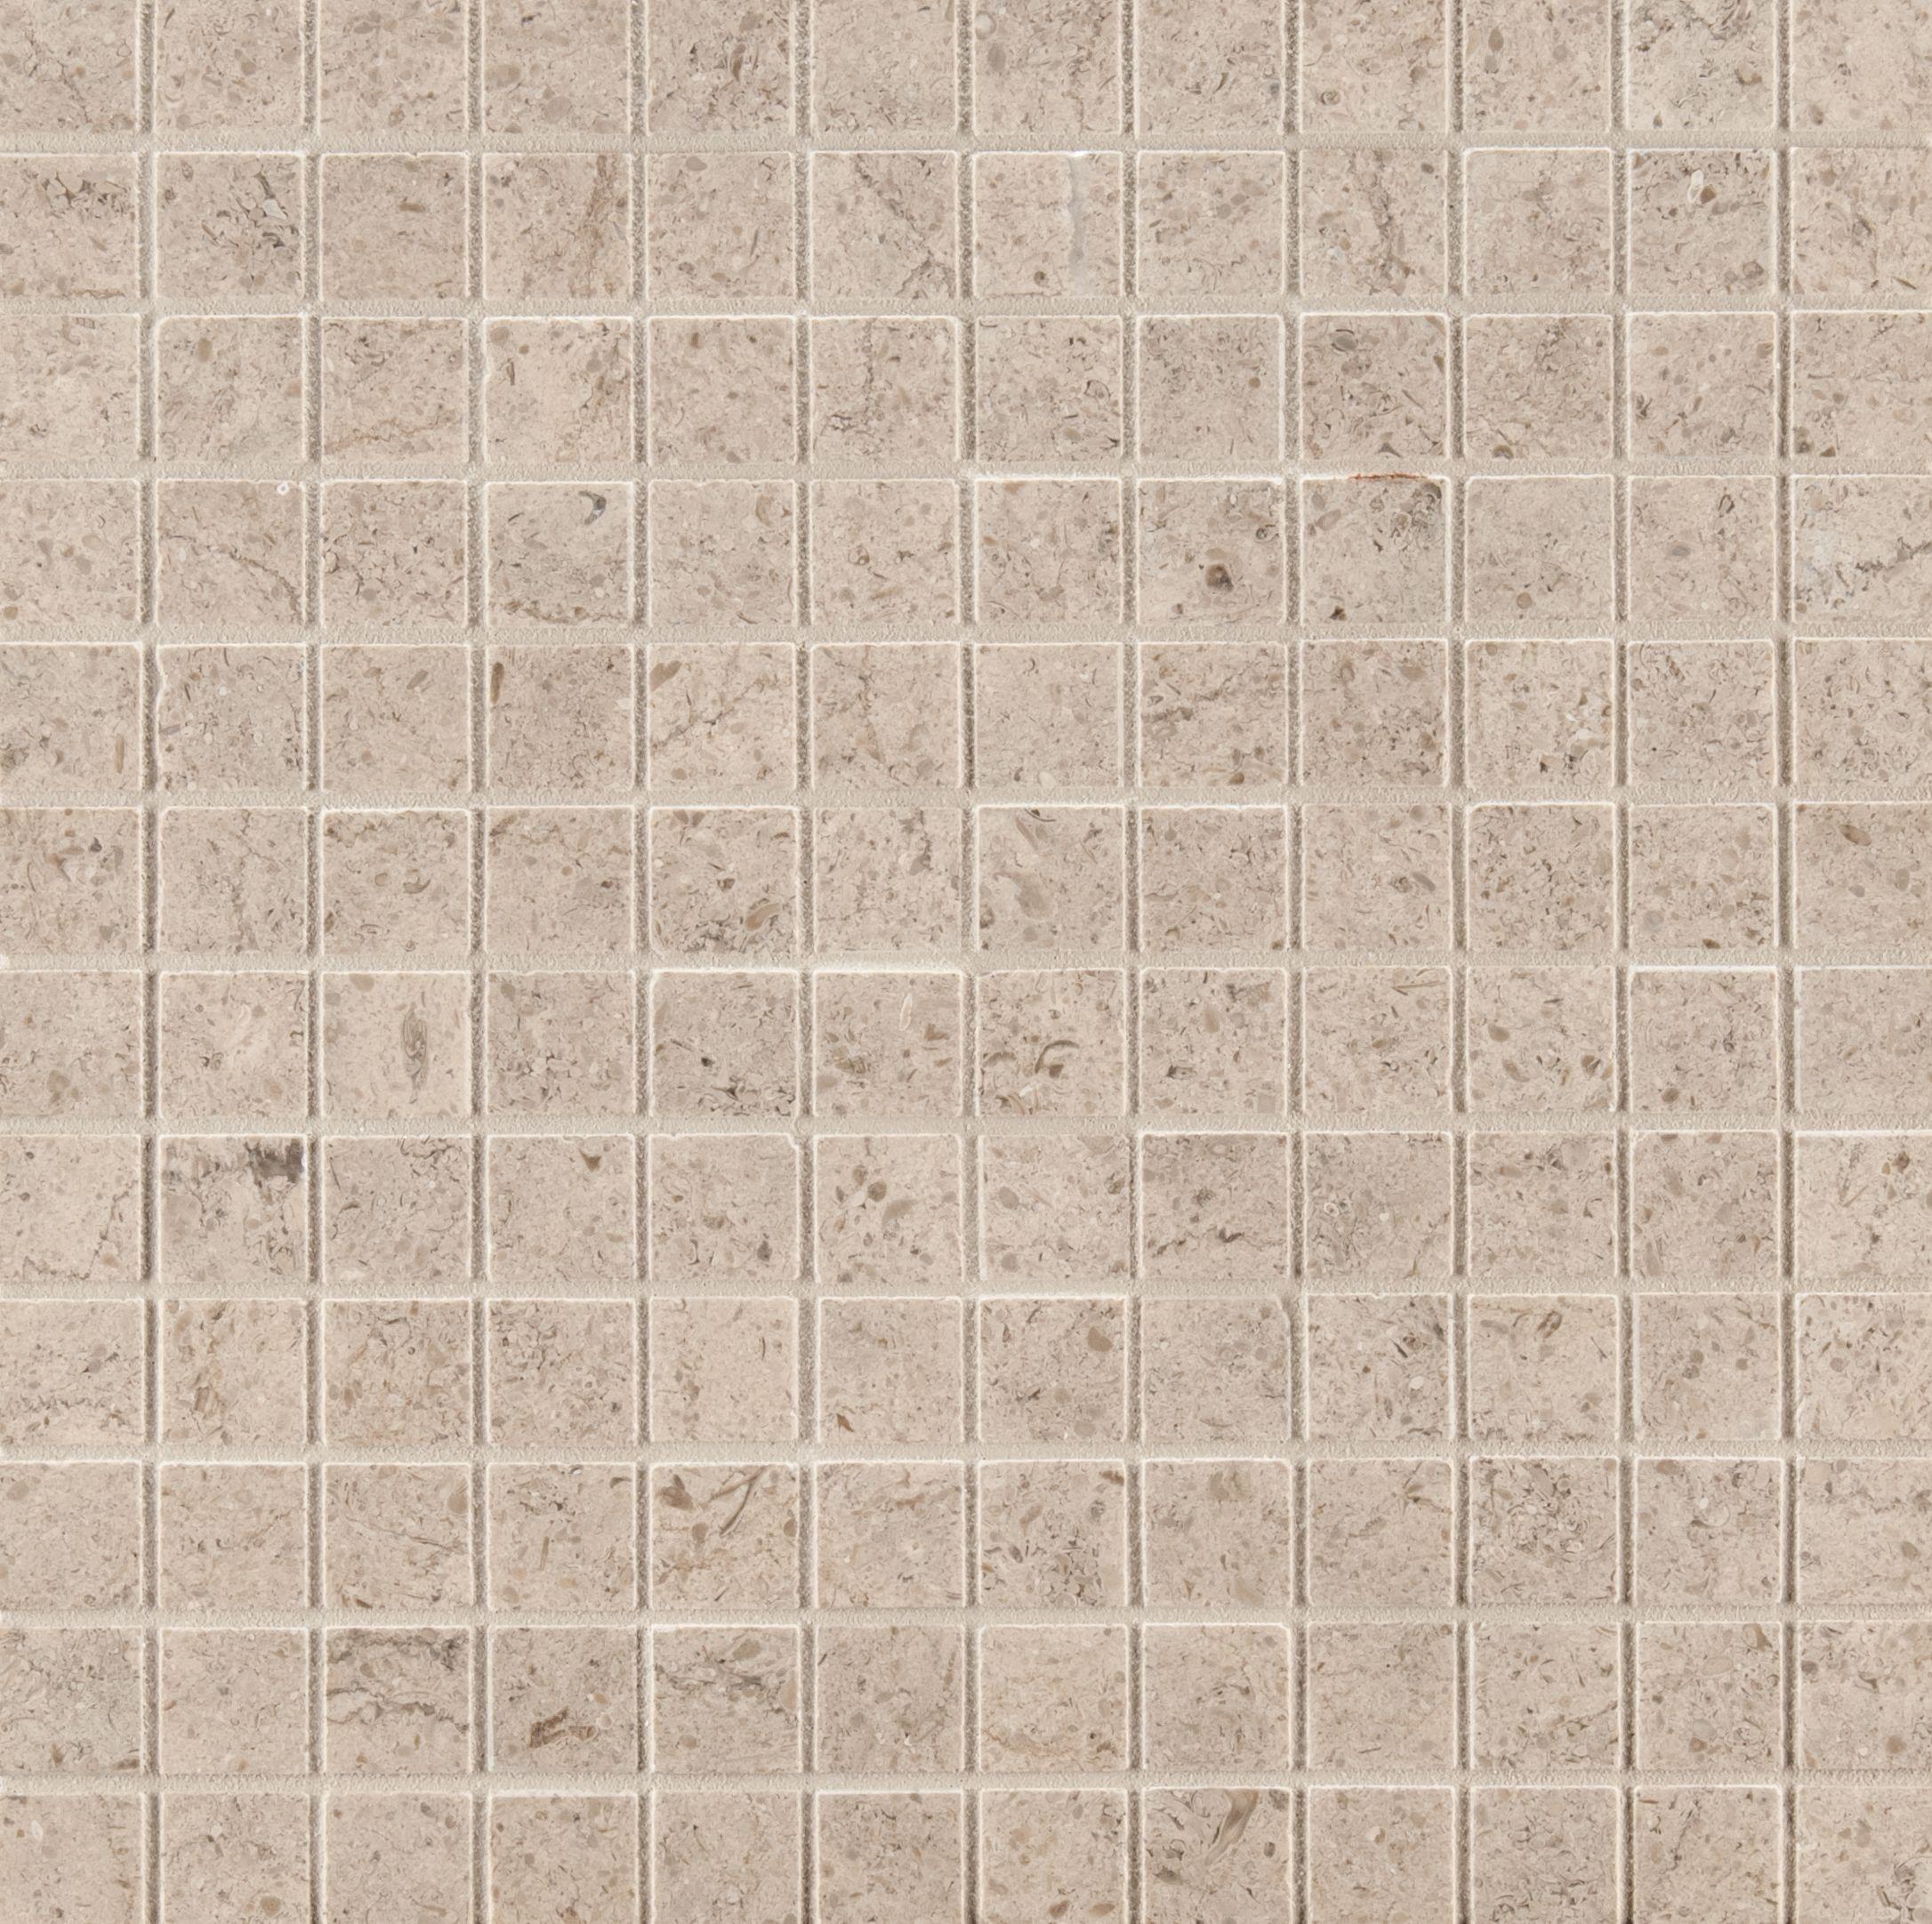 Ann Sacks Fontainebleau 7 8 X 7 8 Straight Limestone Mosaic In